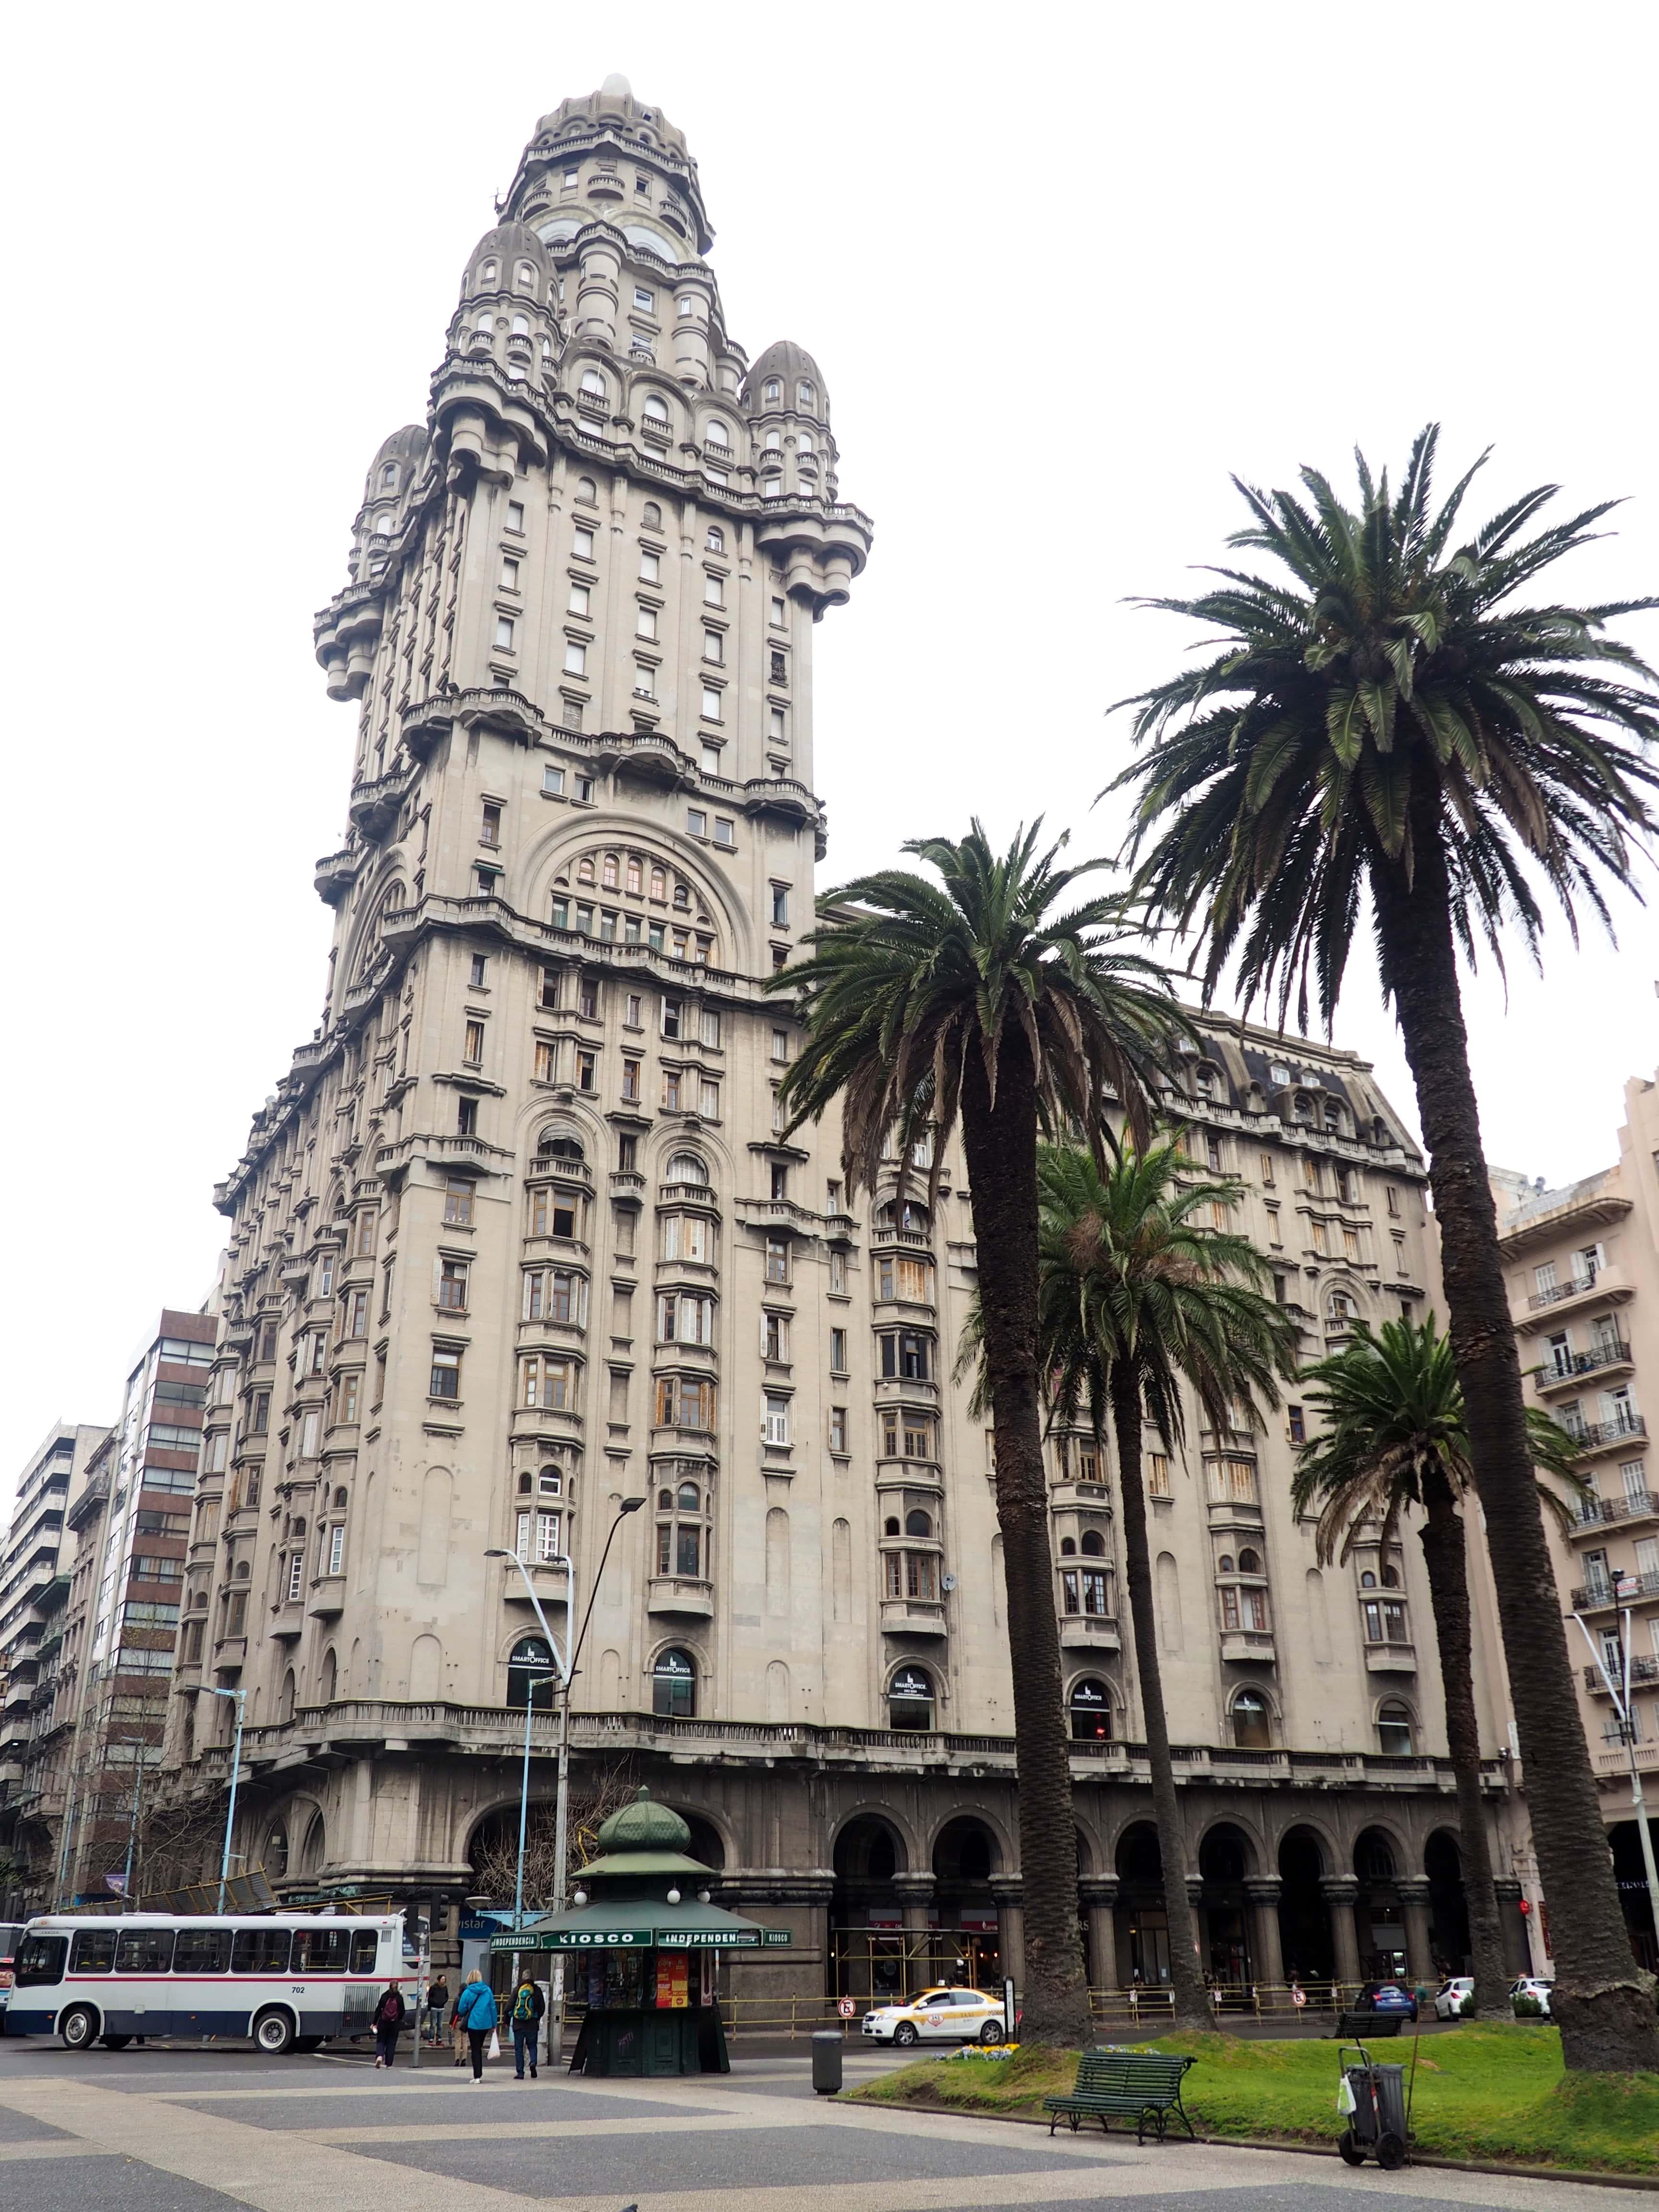 El Palacio Salvo, la mejor cosa que ver en Montevideo